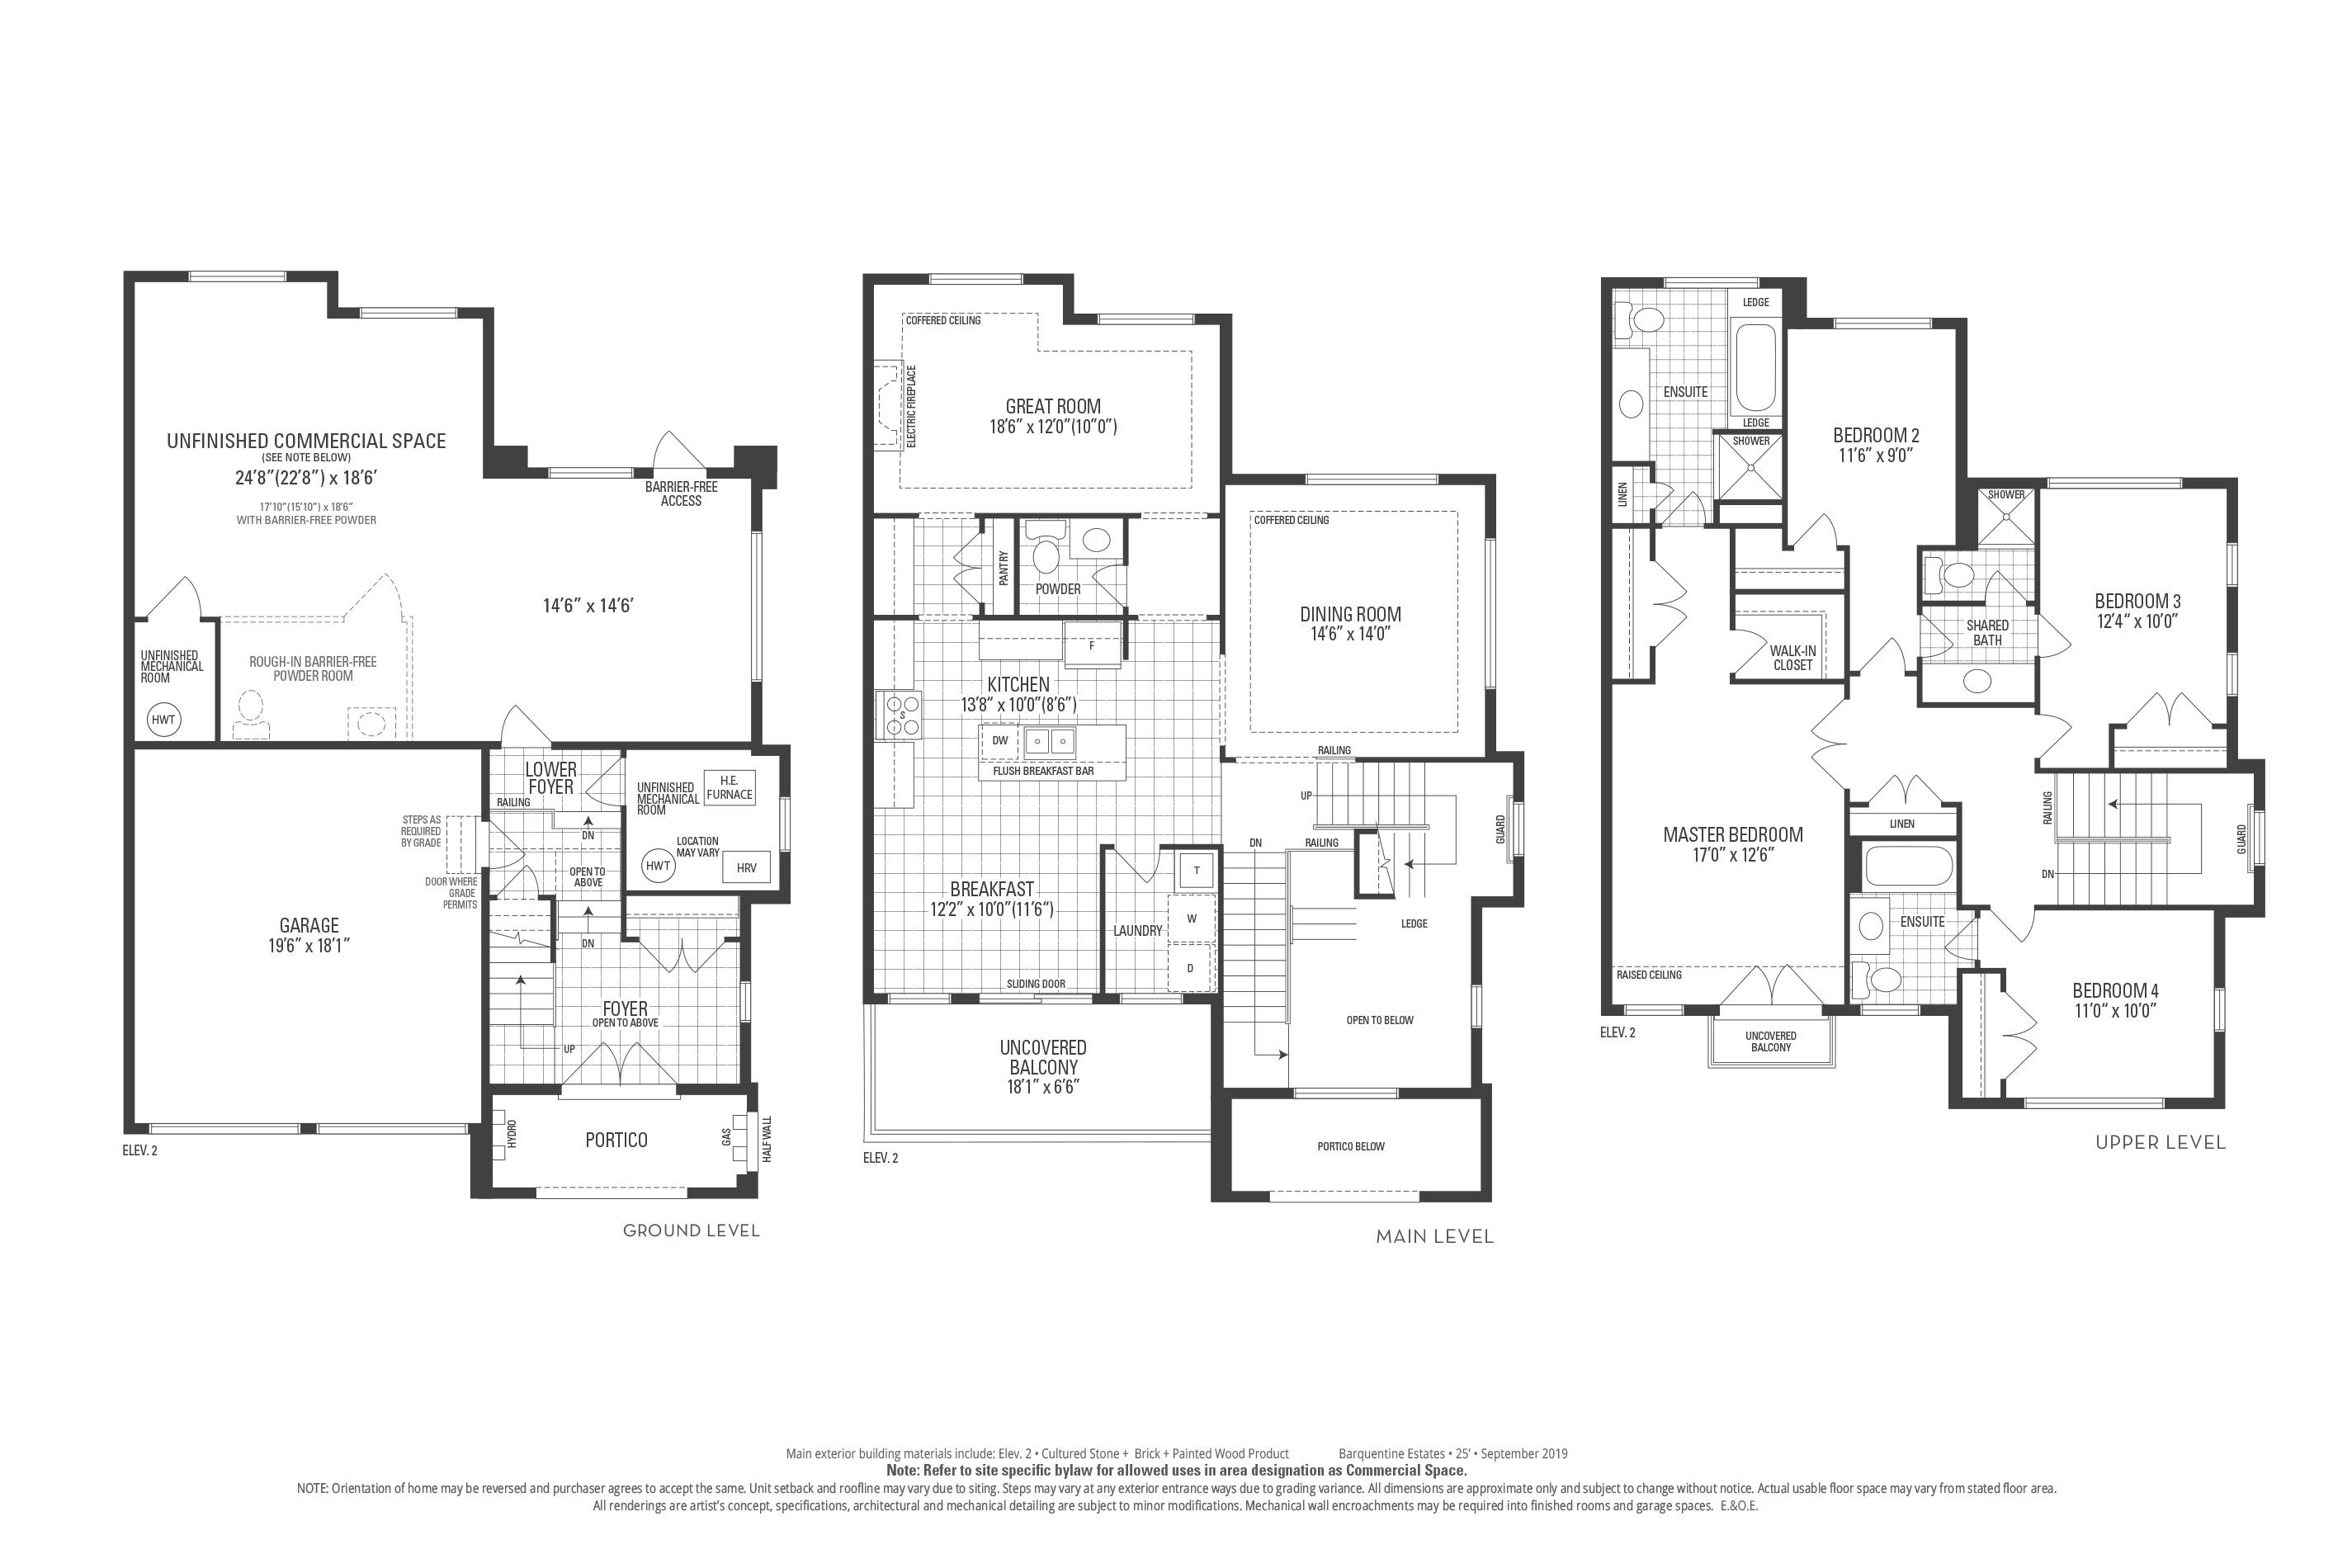 Staten 12 Elev. 2 Floorplan